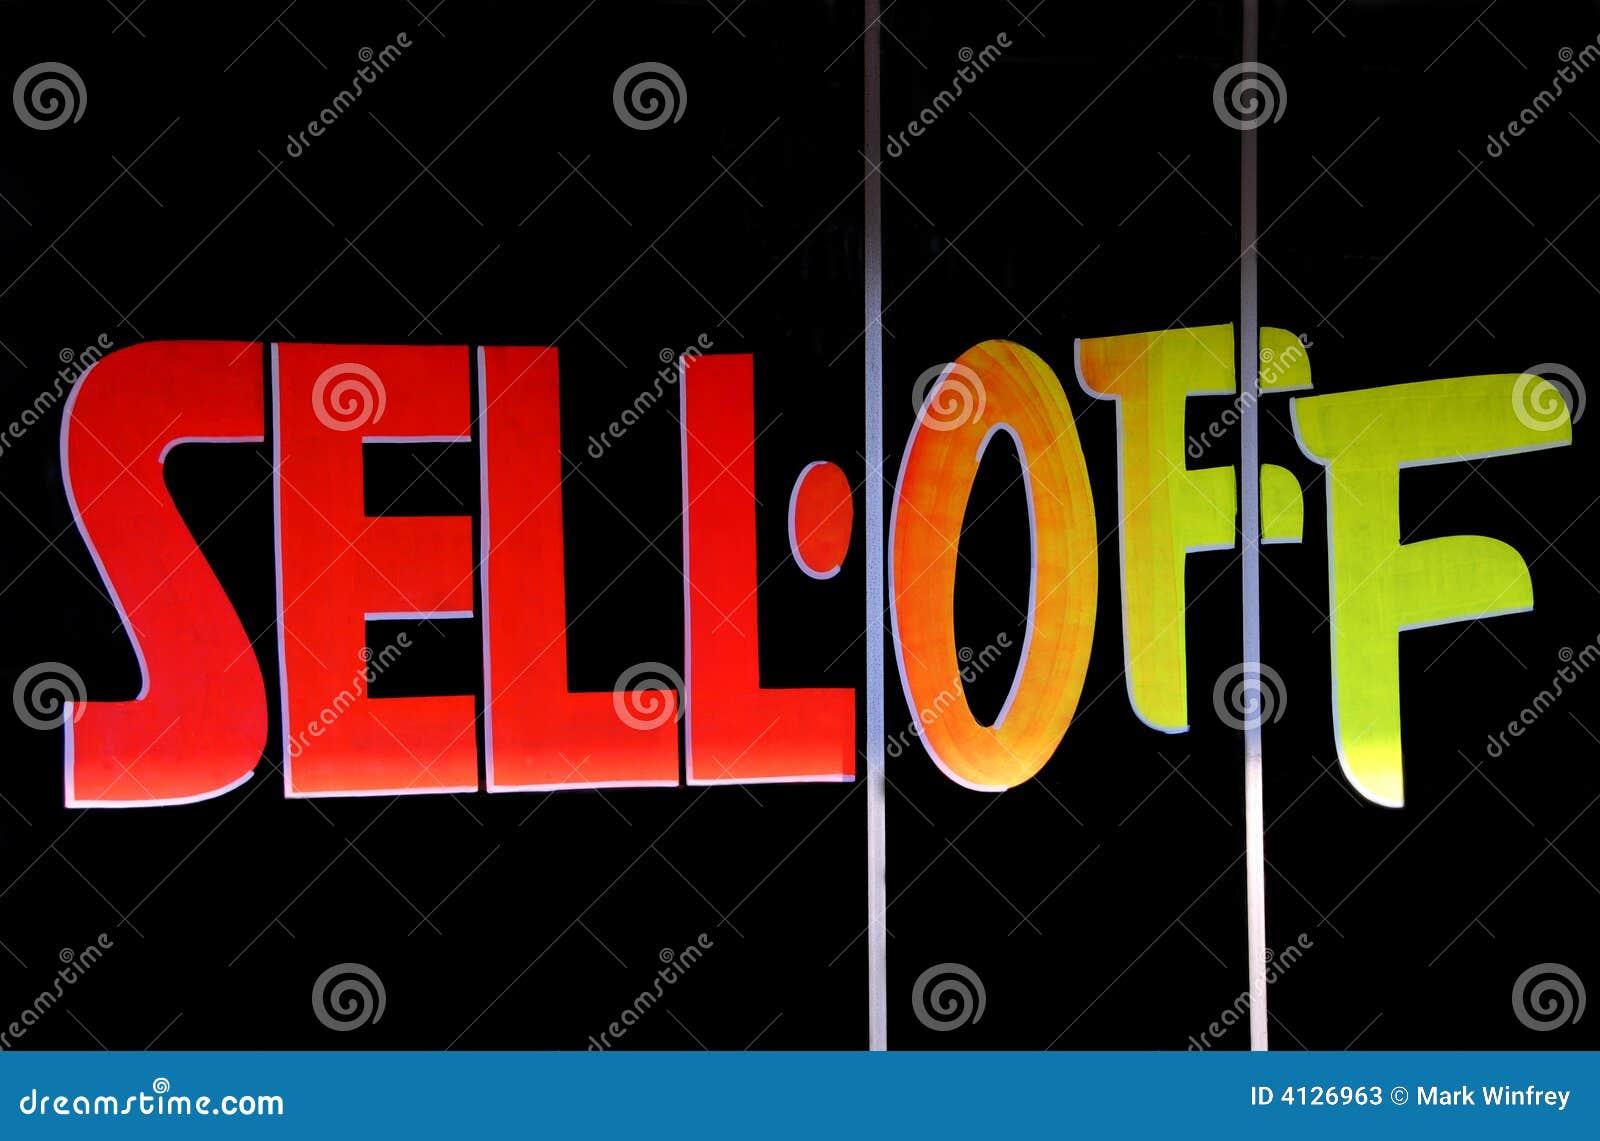 Av sell